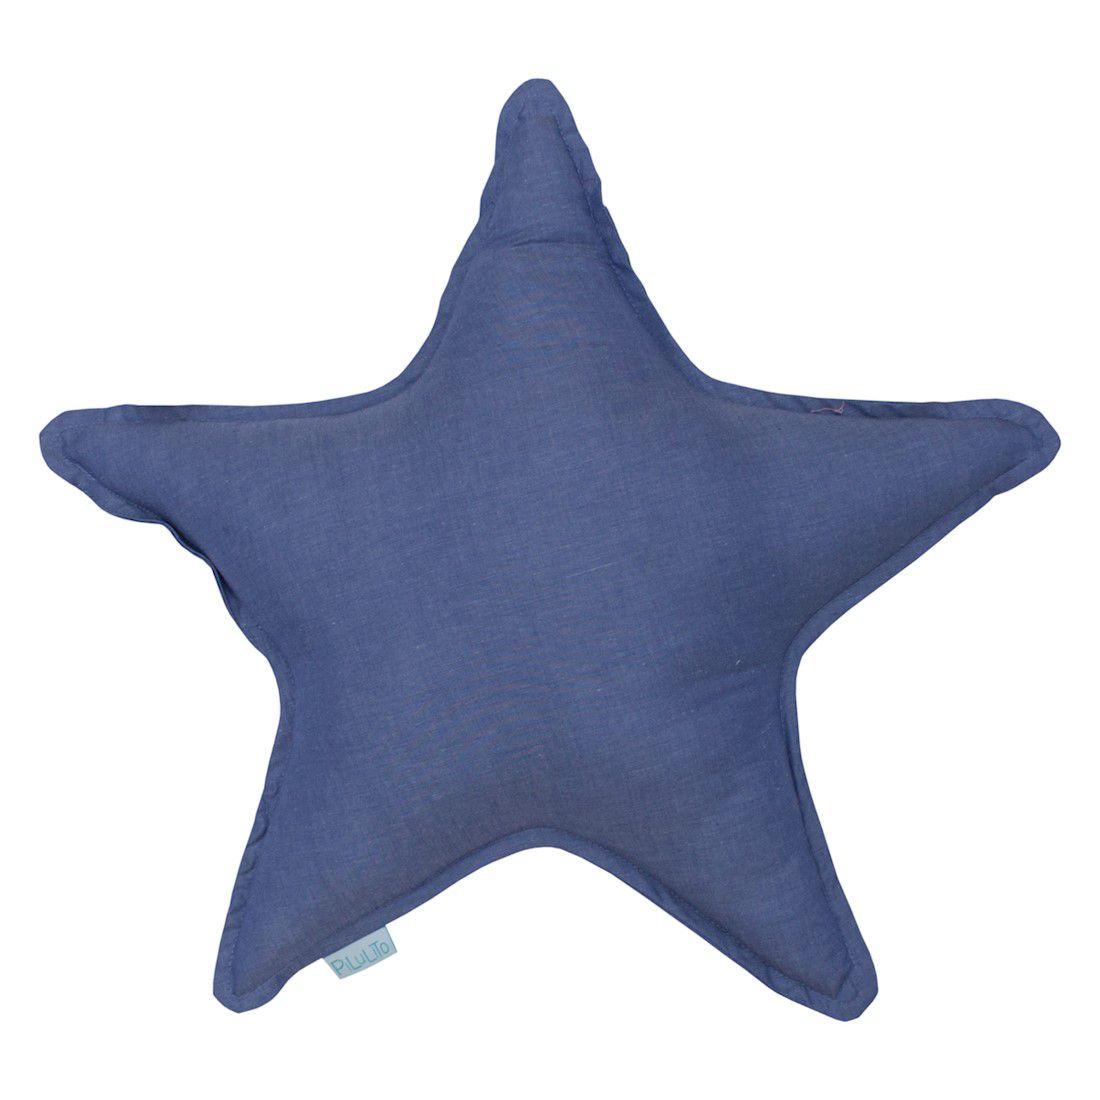 Almofada estrela azul jeans